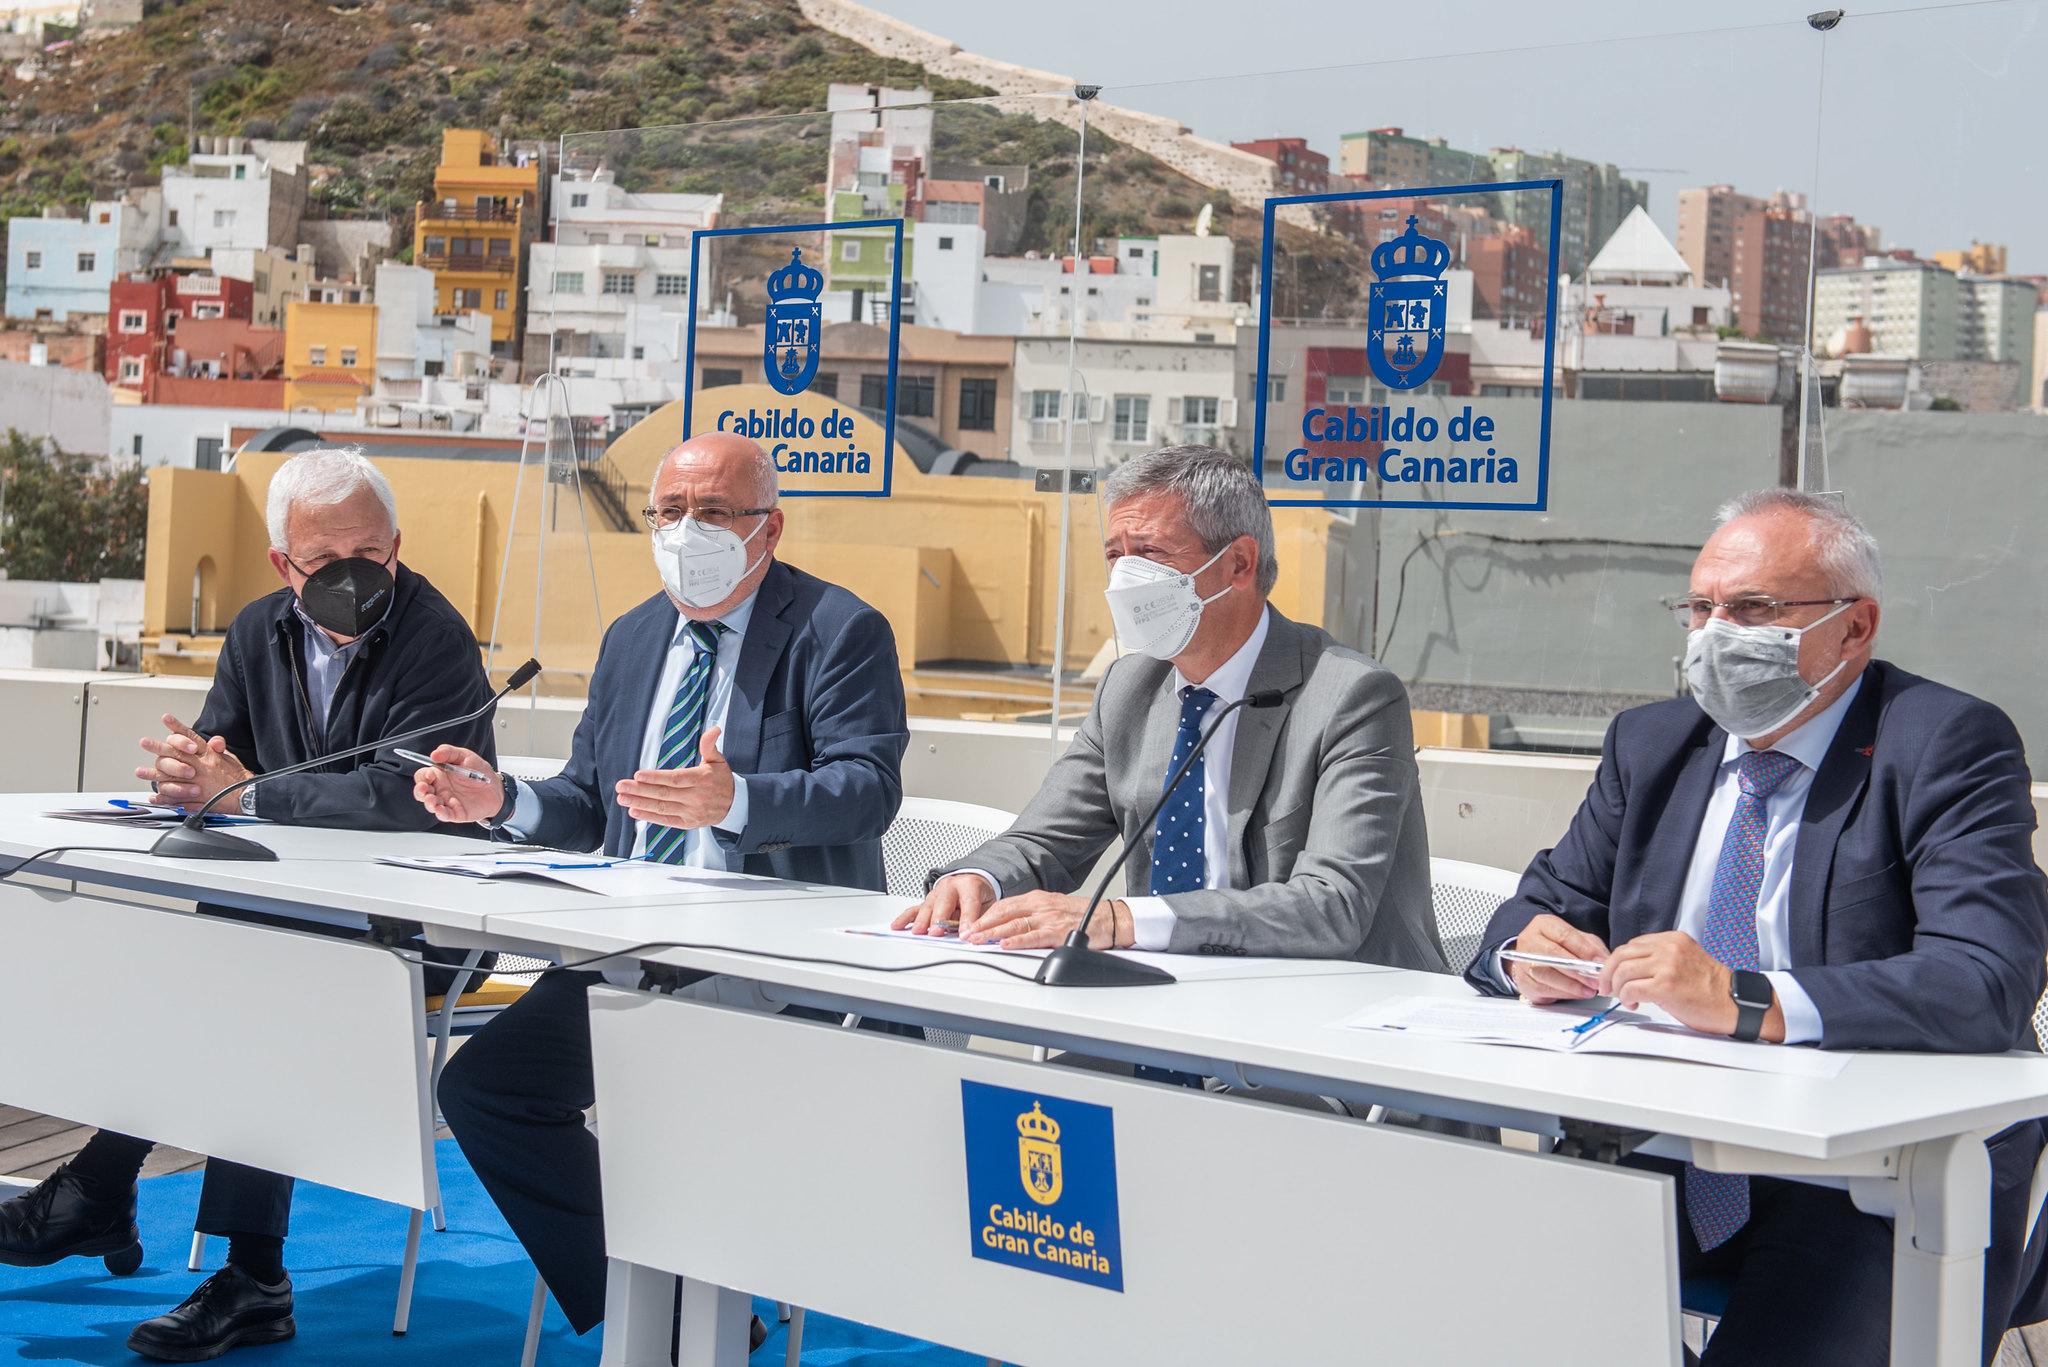 El Cabildo de Gran Canaria y la Confederación Canaria de Empresarios firman acuerdo para impulsar proyectos de cooperación con África / CanariasNoticias.es